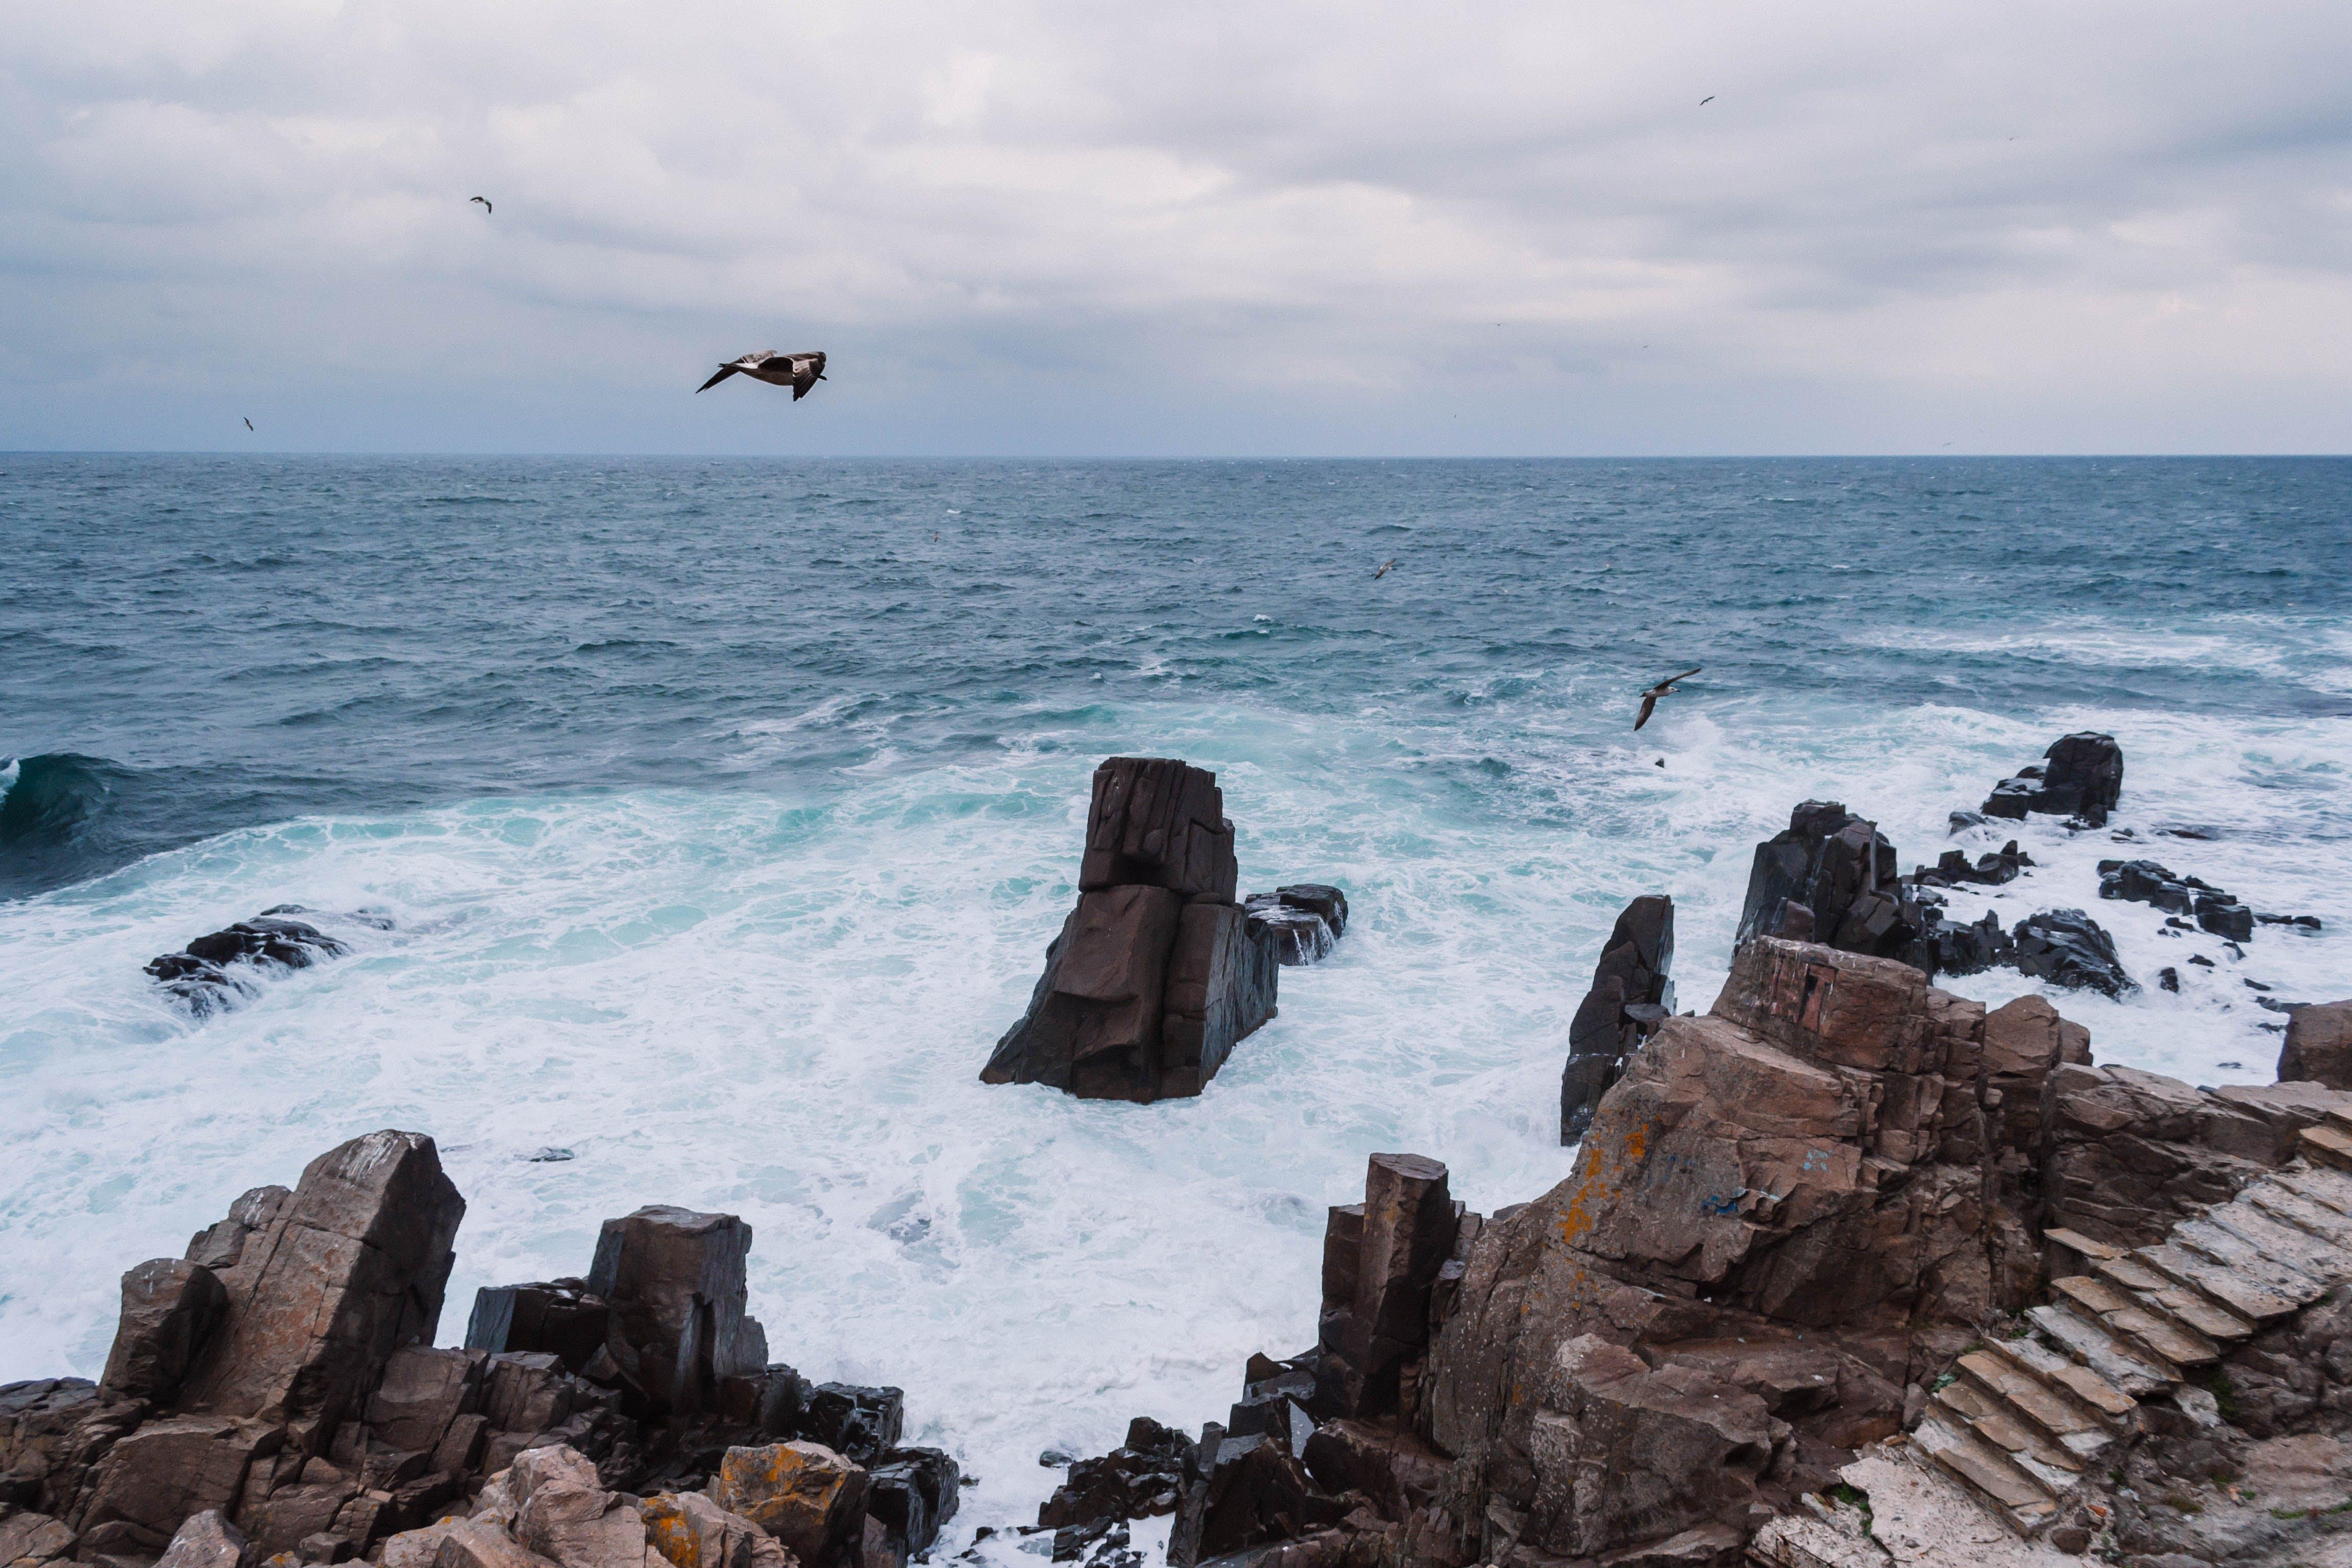 avian, beach, birds